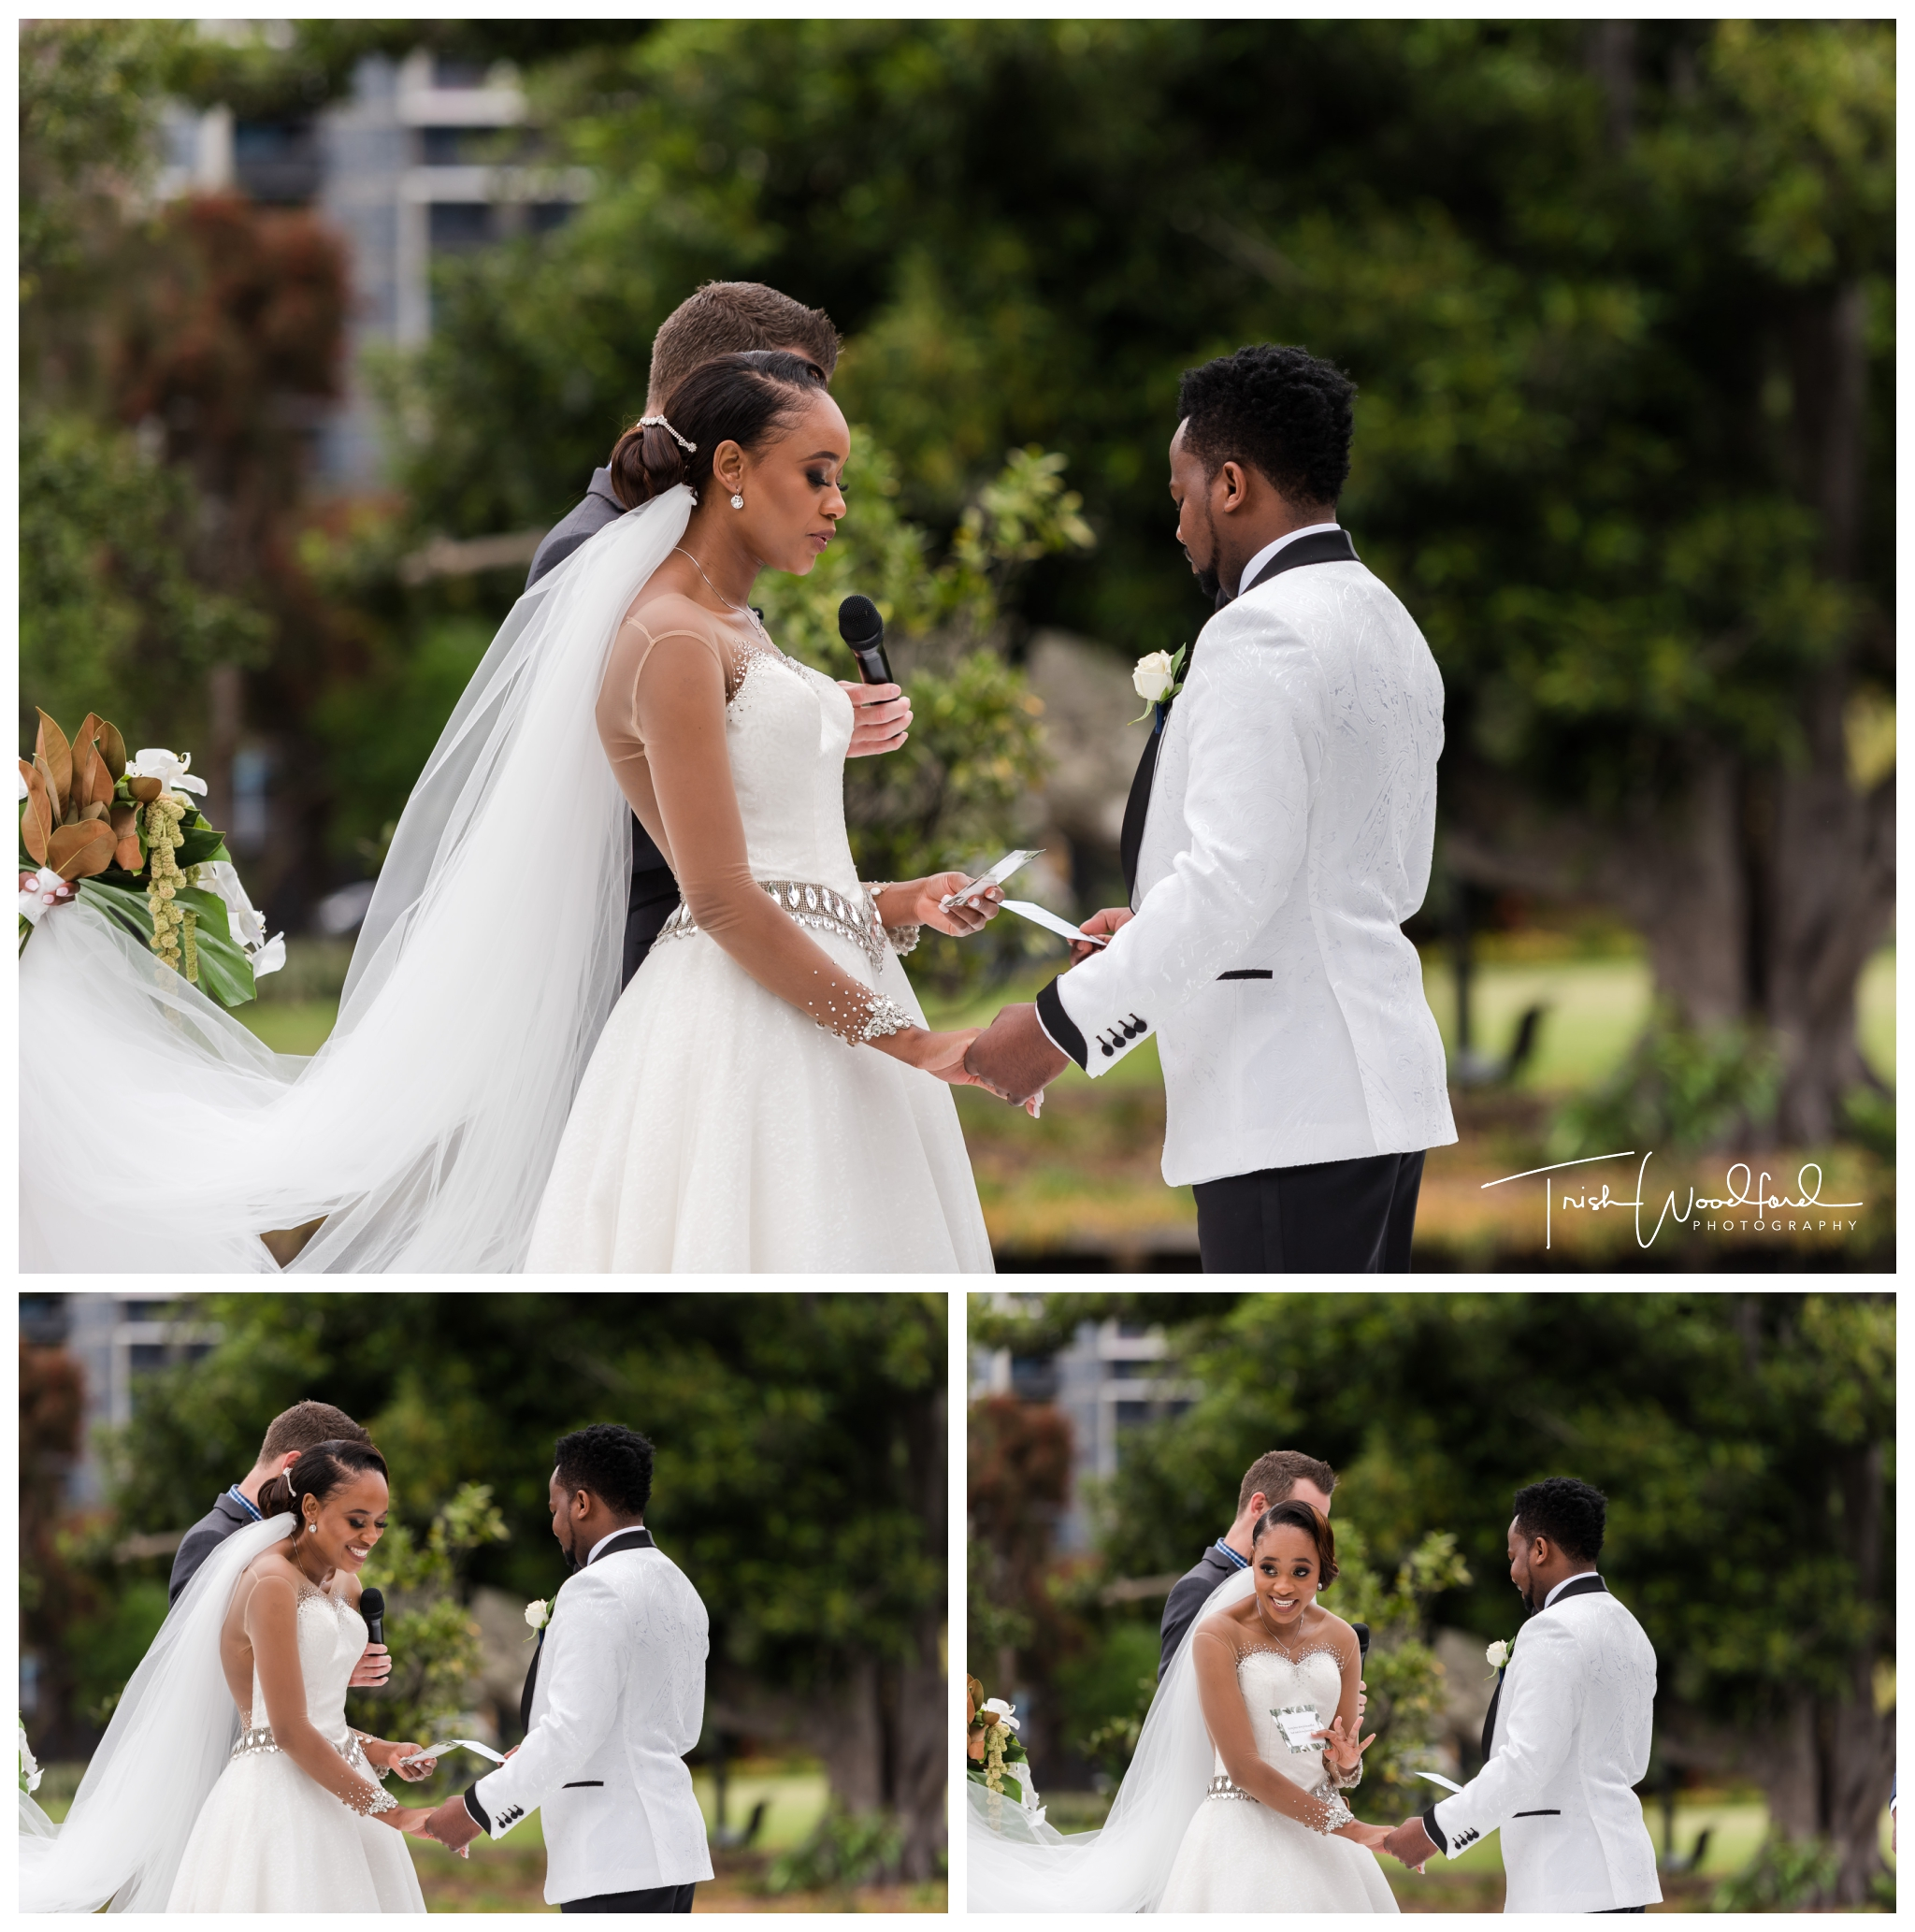 Queens Gardens Wedding Ceremony